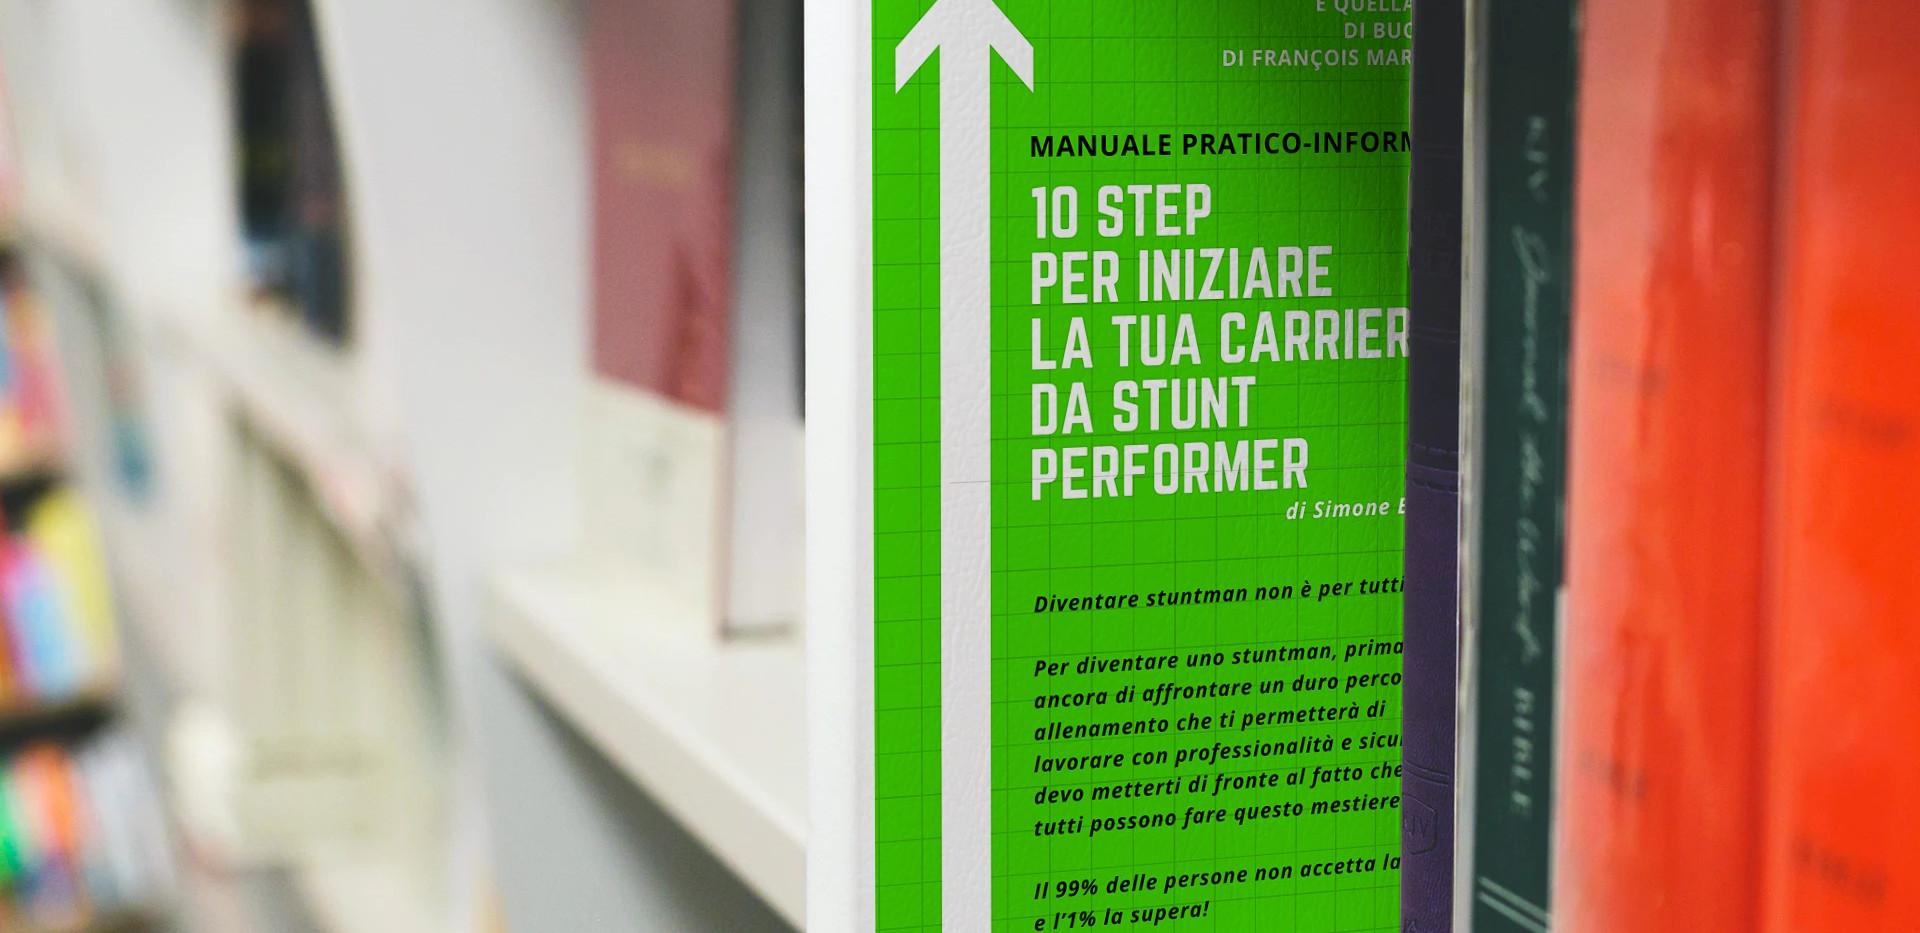 10 step pre iniziare la tua carriera da stunt performer